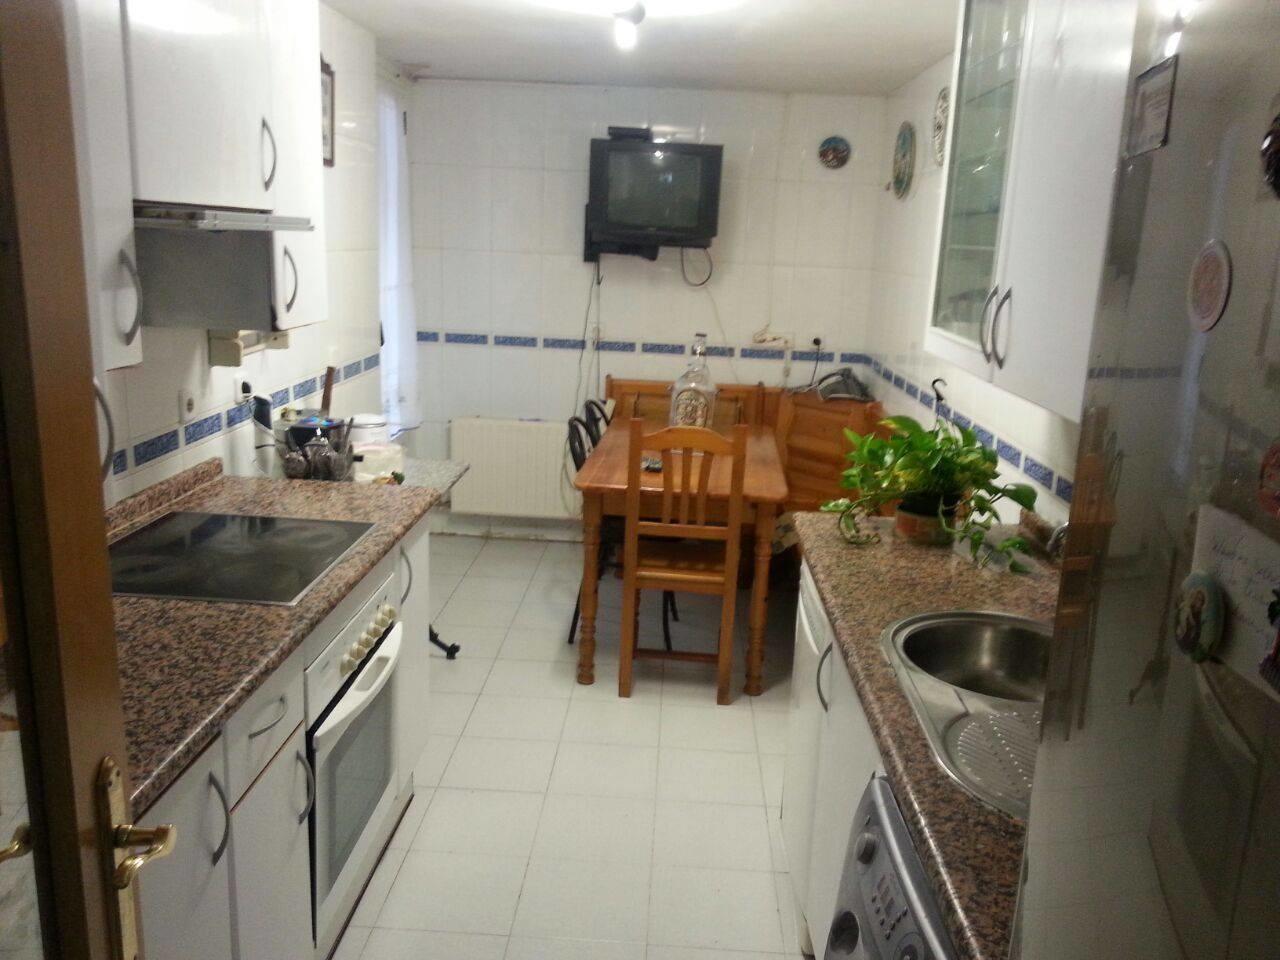 habitacion-piso-compartidos-49202b044821